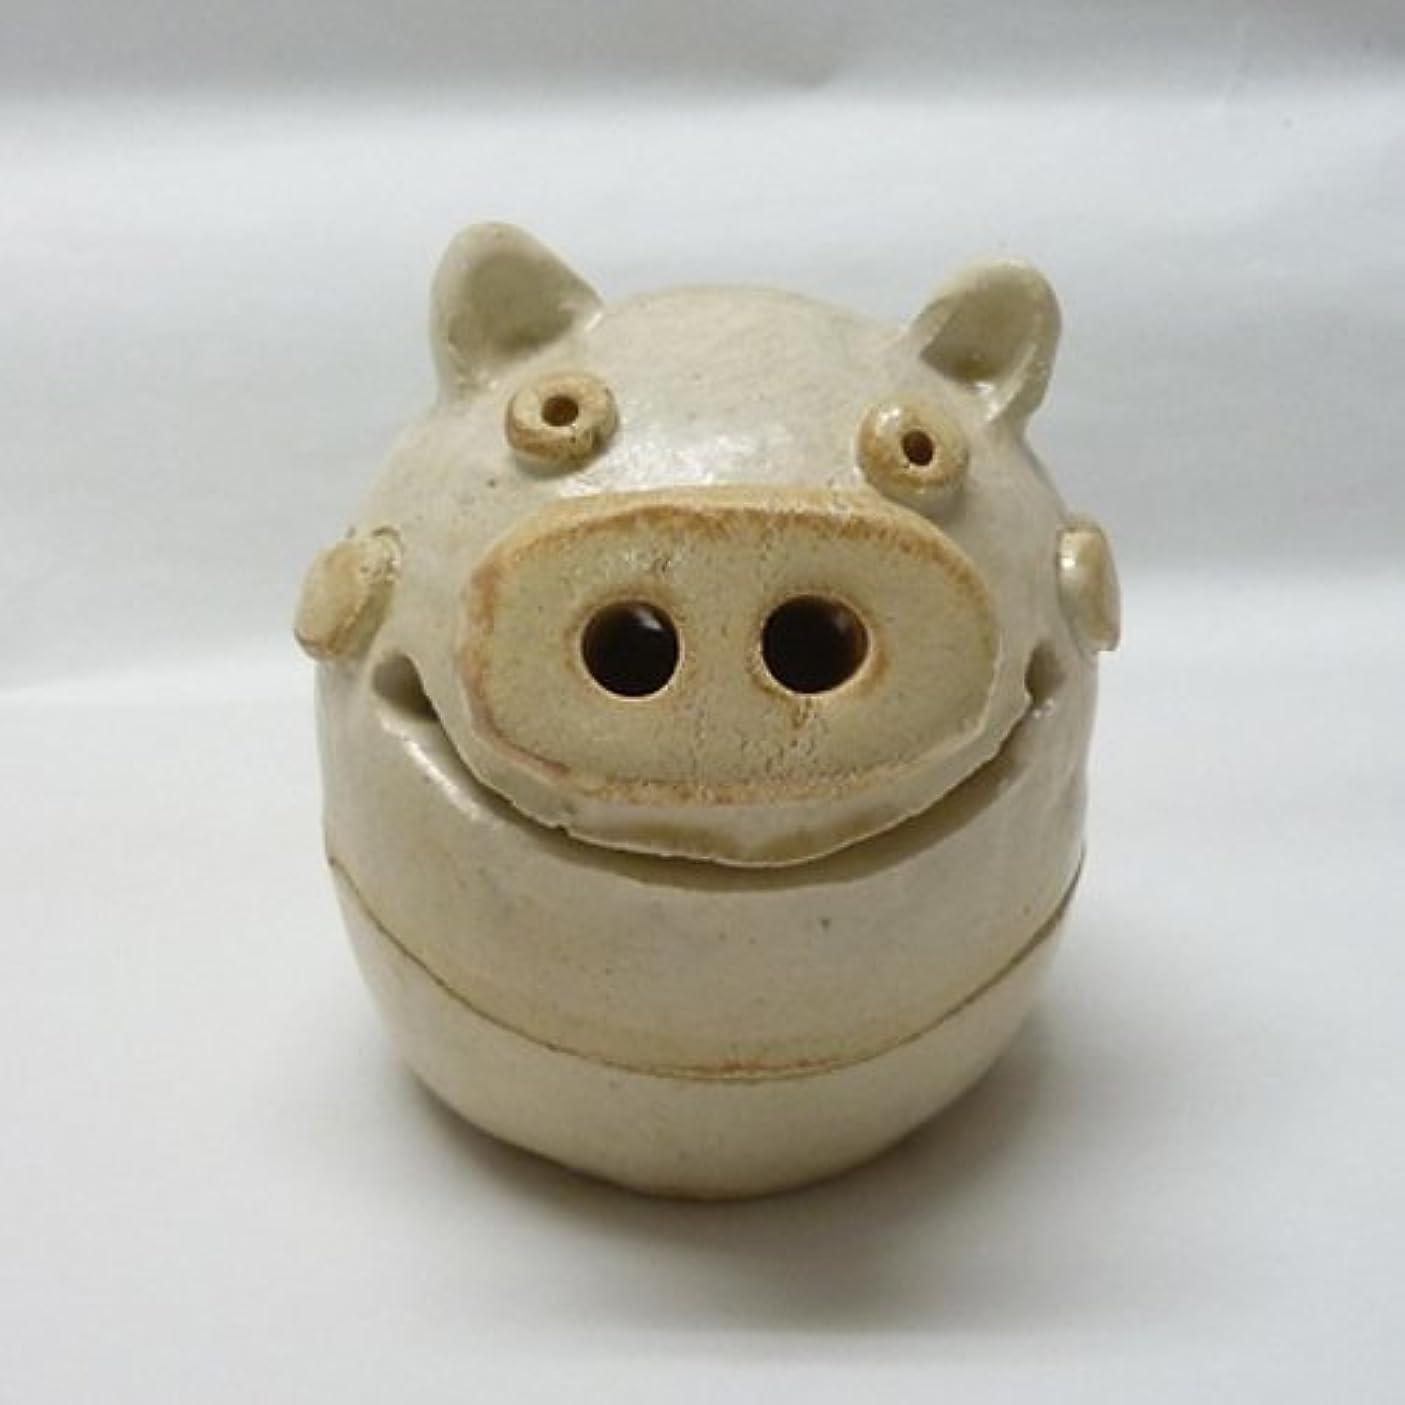 ひいきにするビバ成人期香炉 ぶた君 香炉(白) [H9cm] HANDMADE プレゼント ギフト 和食器 かわいい インテリア